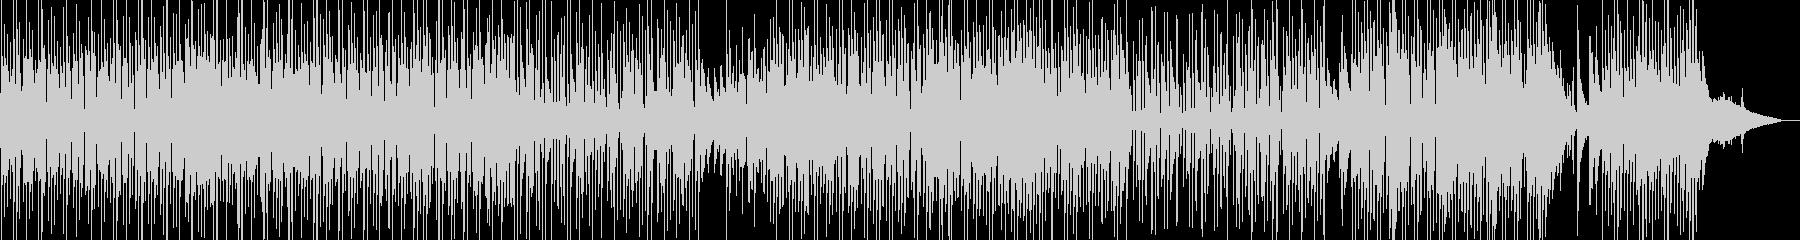 ウクレレ・ほのぼの映像や作品に 長尺の未再生の波形